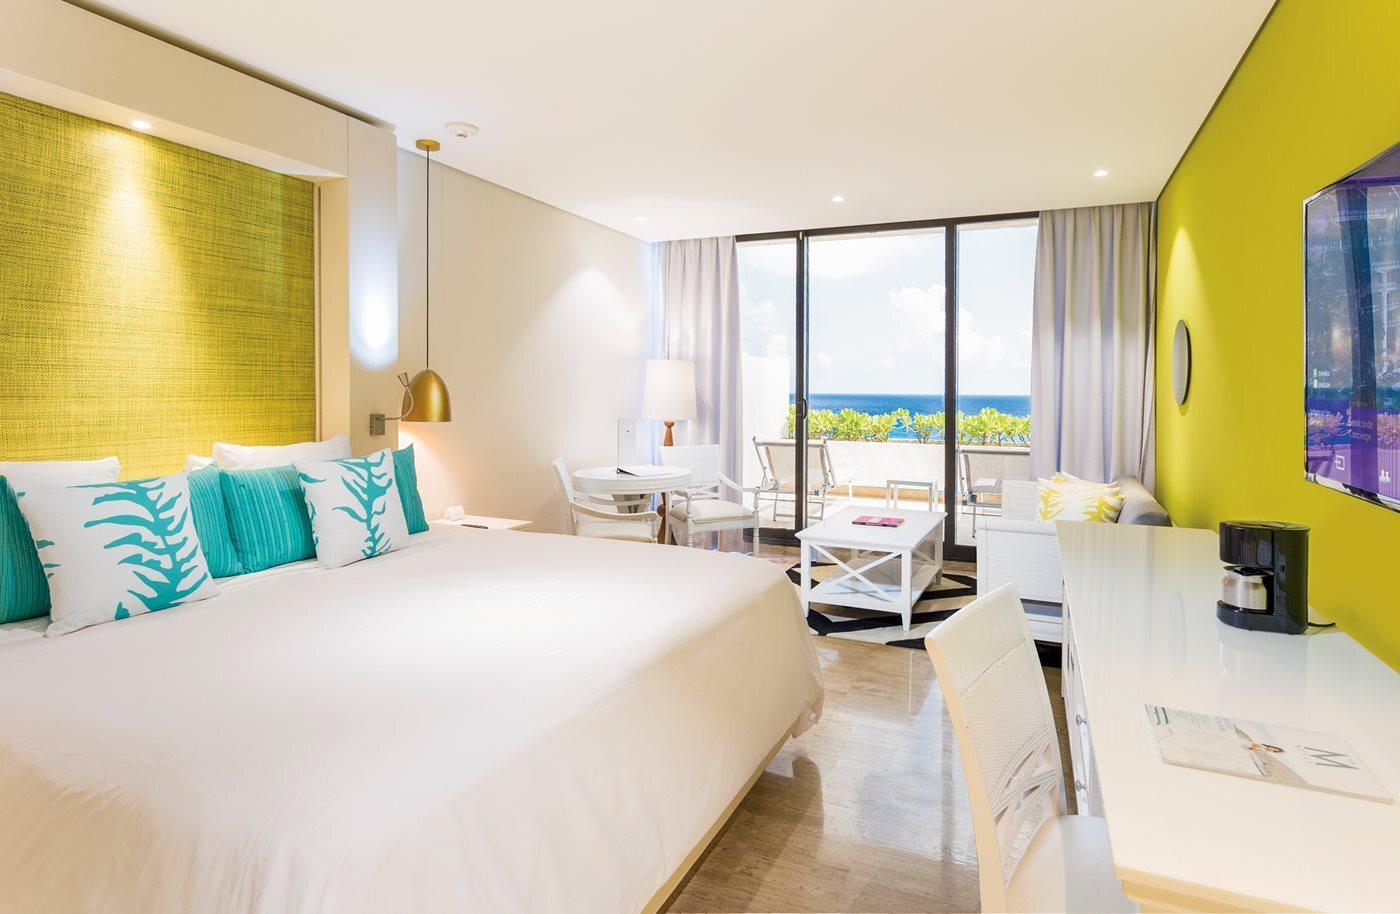 Paradisus Cancun Cancun, Mexico room